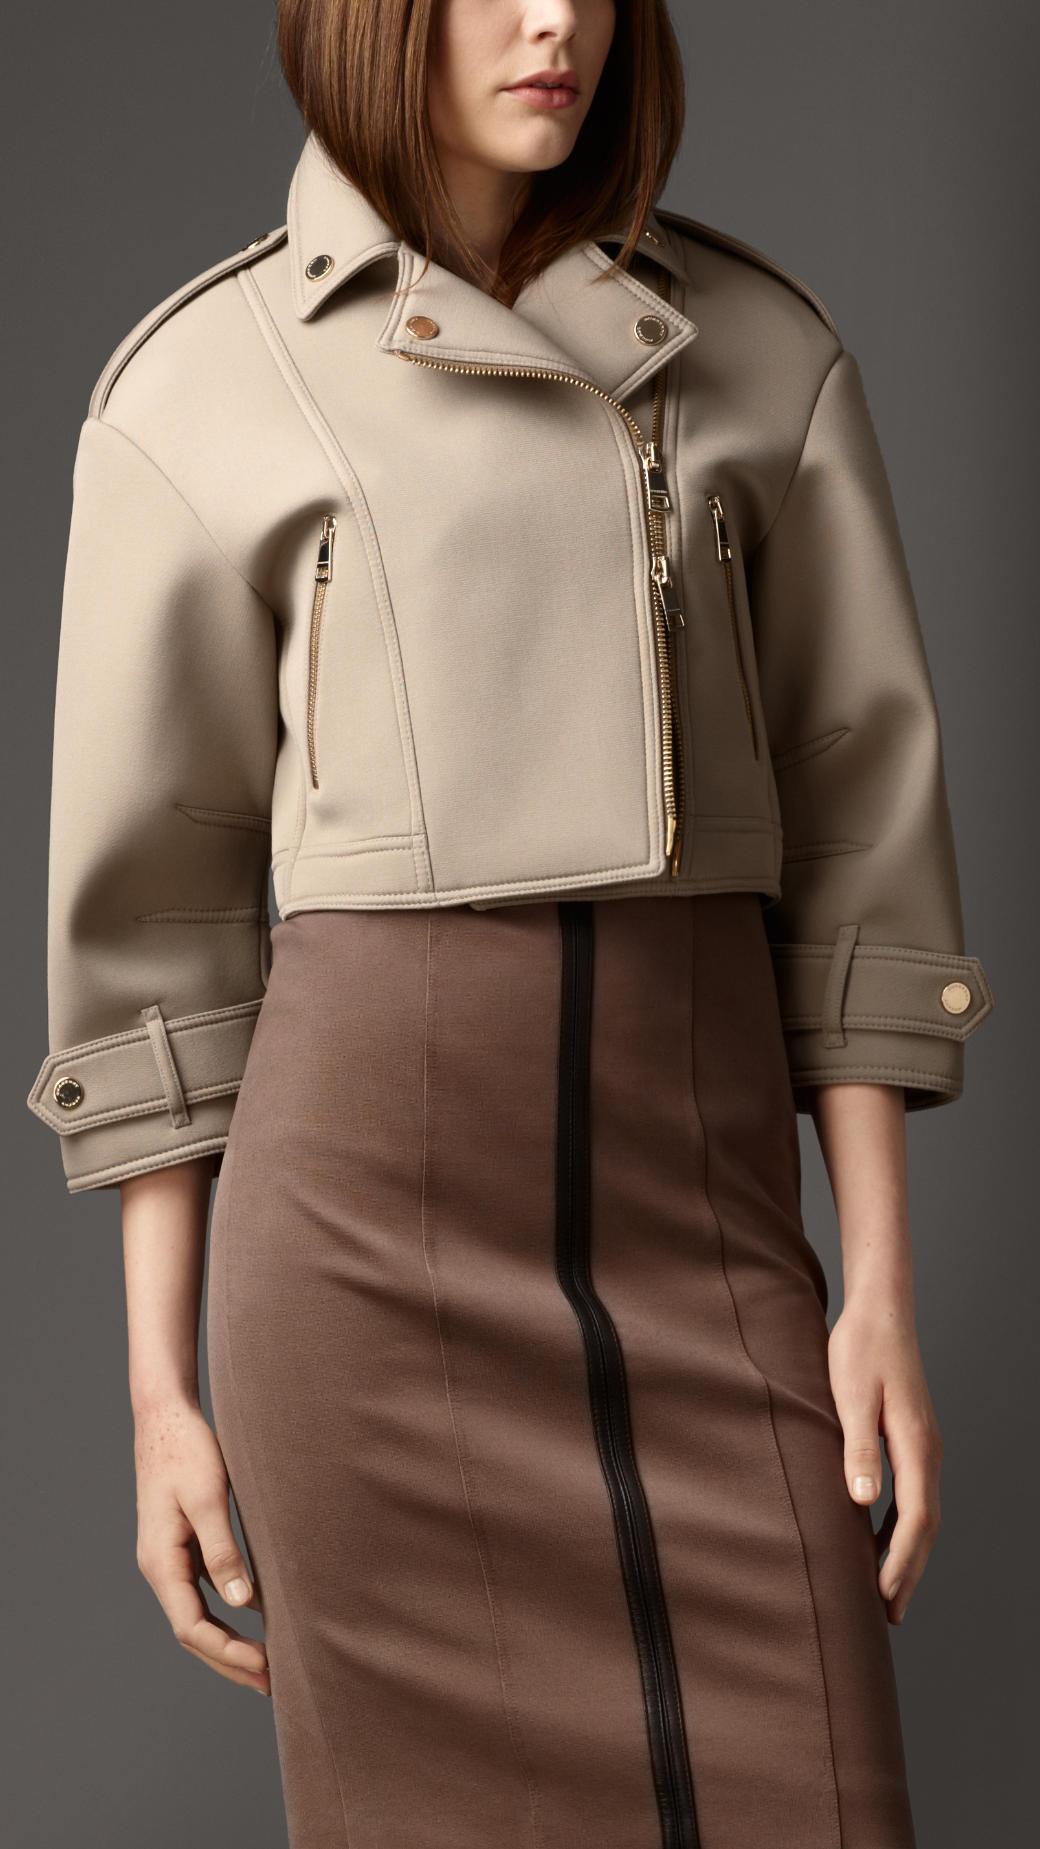 عمدل کت جلوباز مدل جدید کت های زنانه ۲۰۱۴